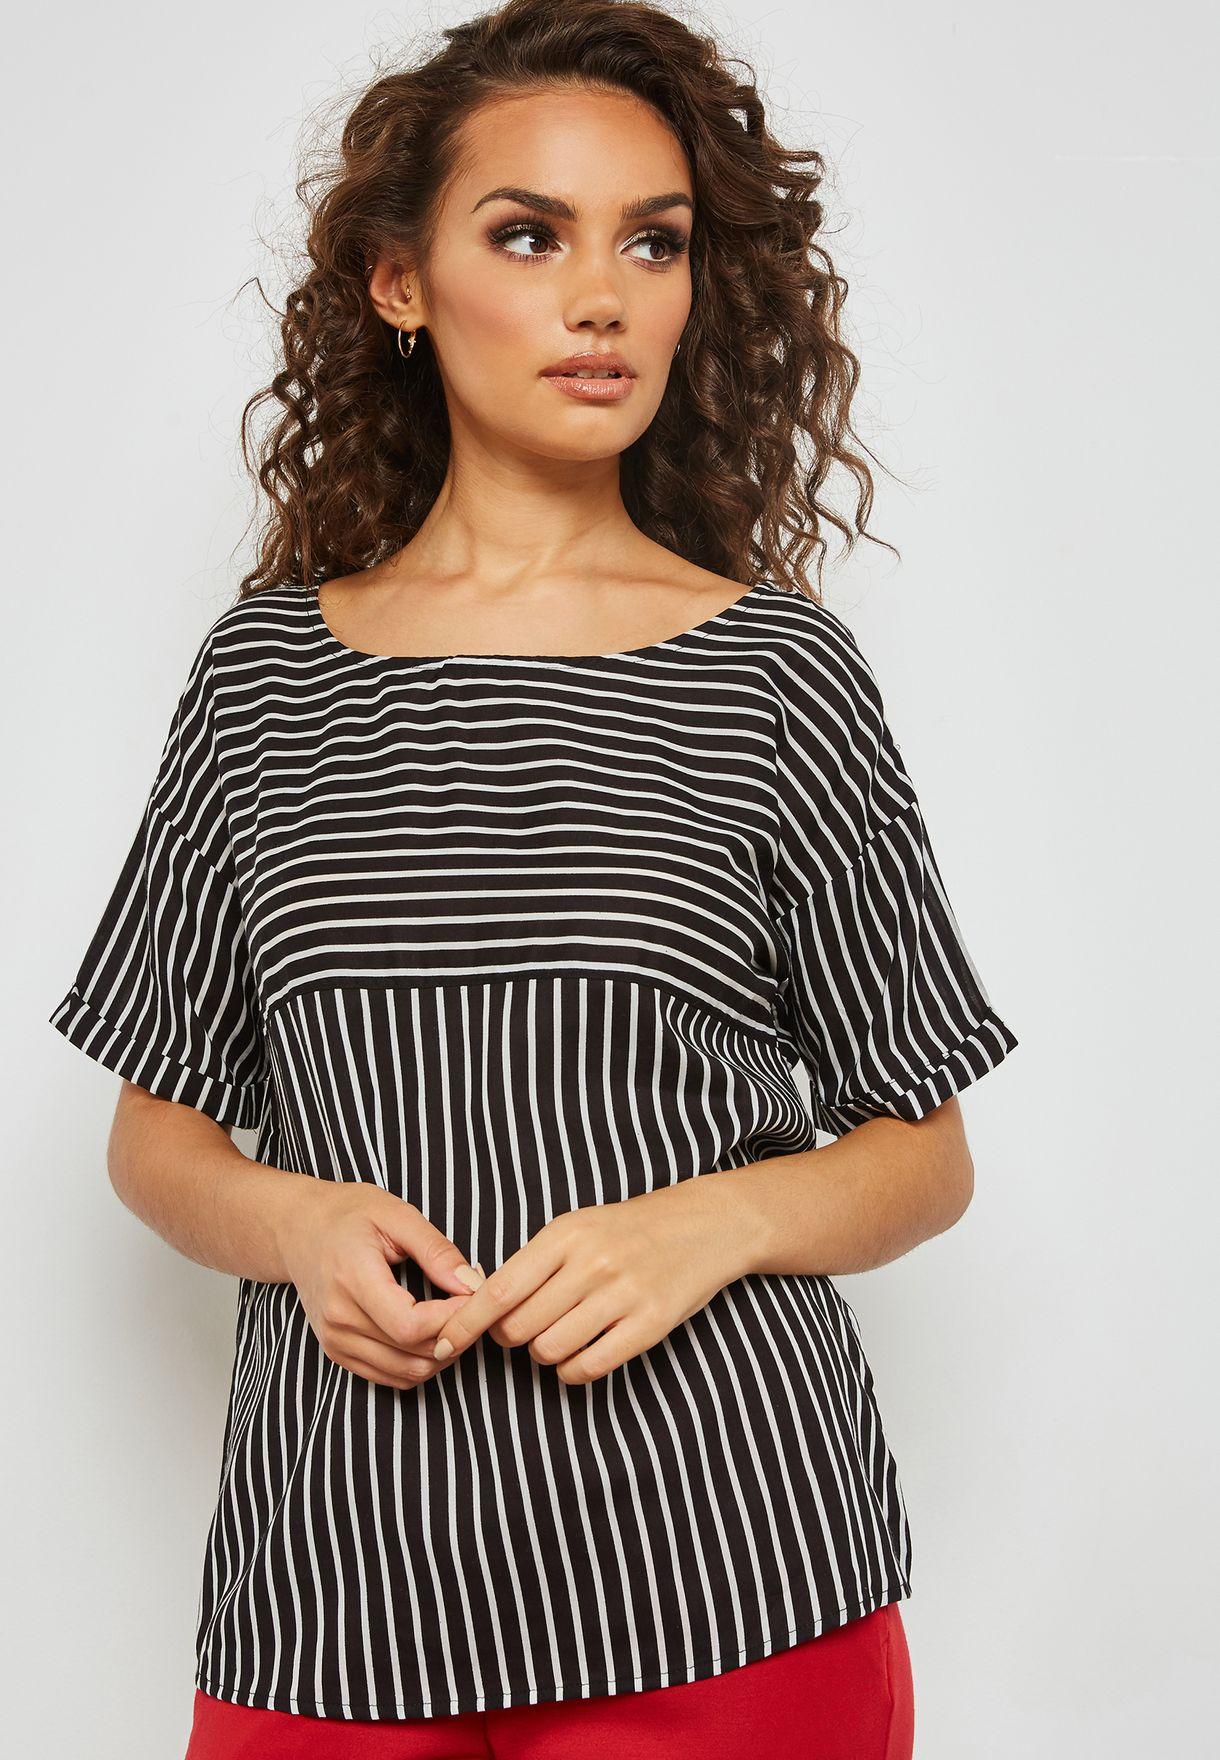 d57357635c5 Shop Jacqueline De Yong prints Striped Top 15159461 for Women in UAE ...